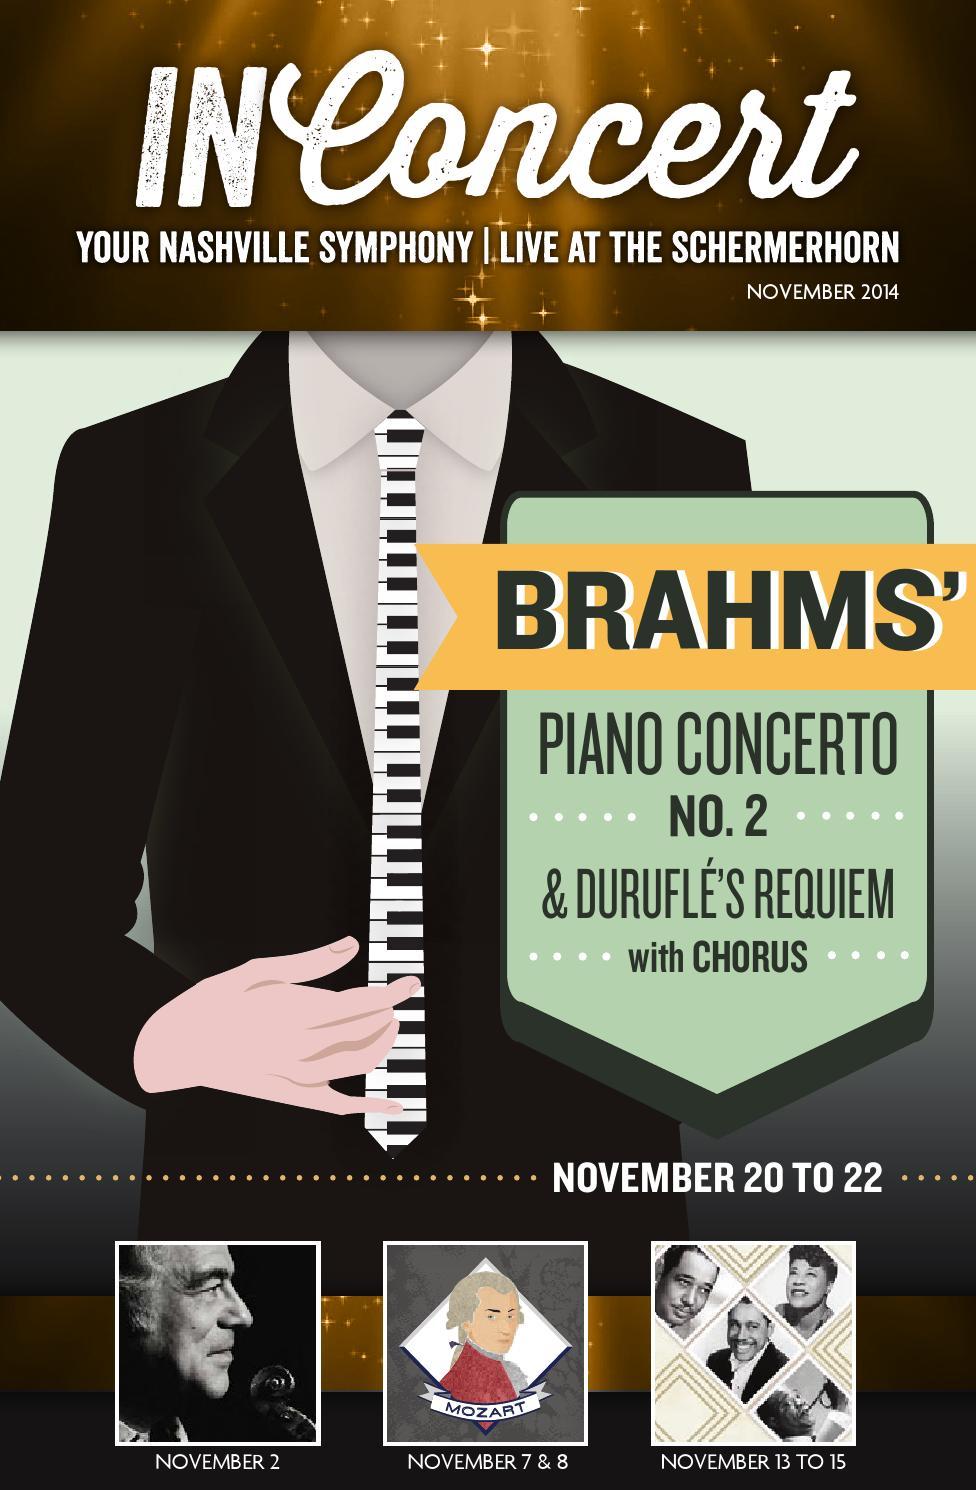 Nashville Symphony | November 2014 InConcert by Nashville